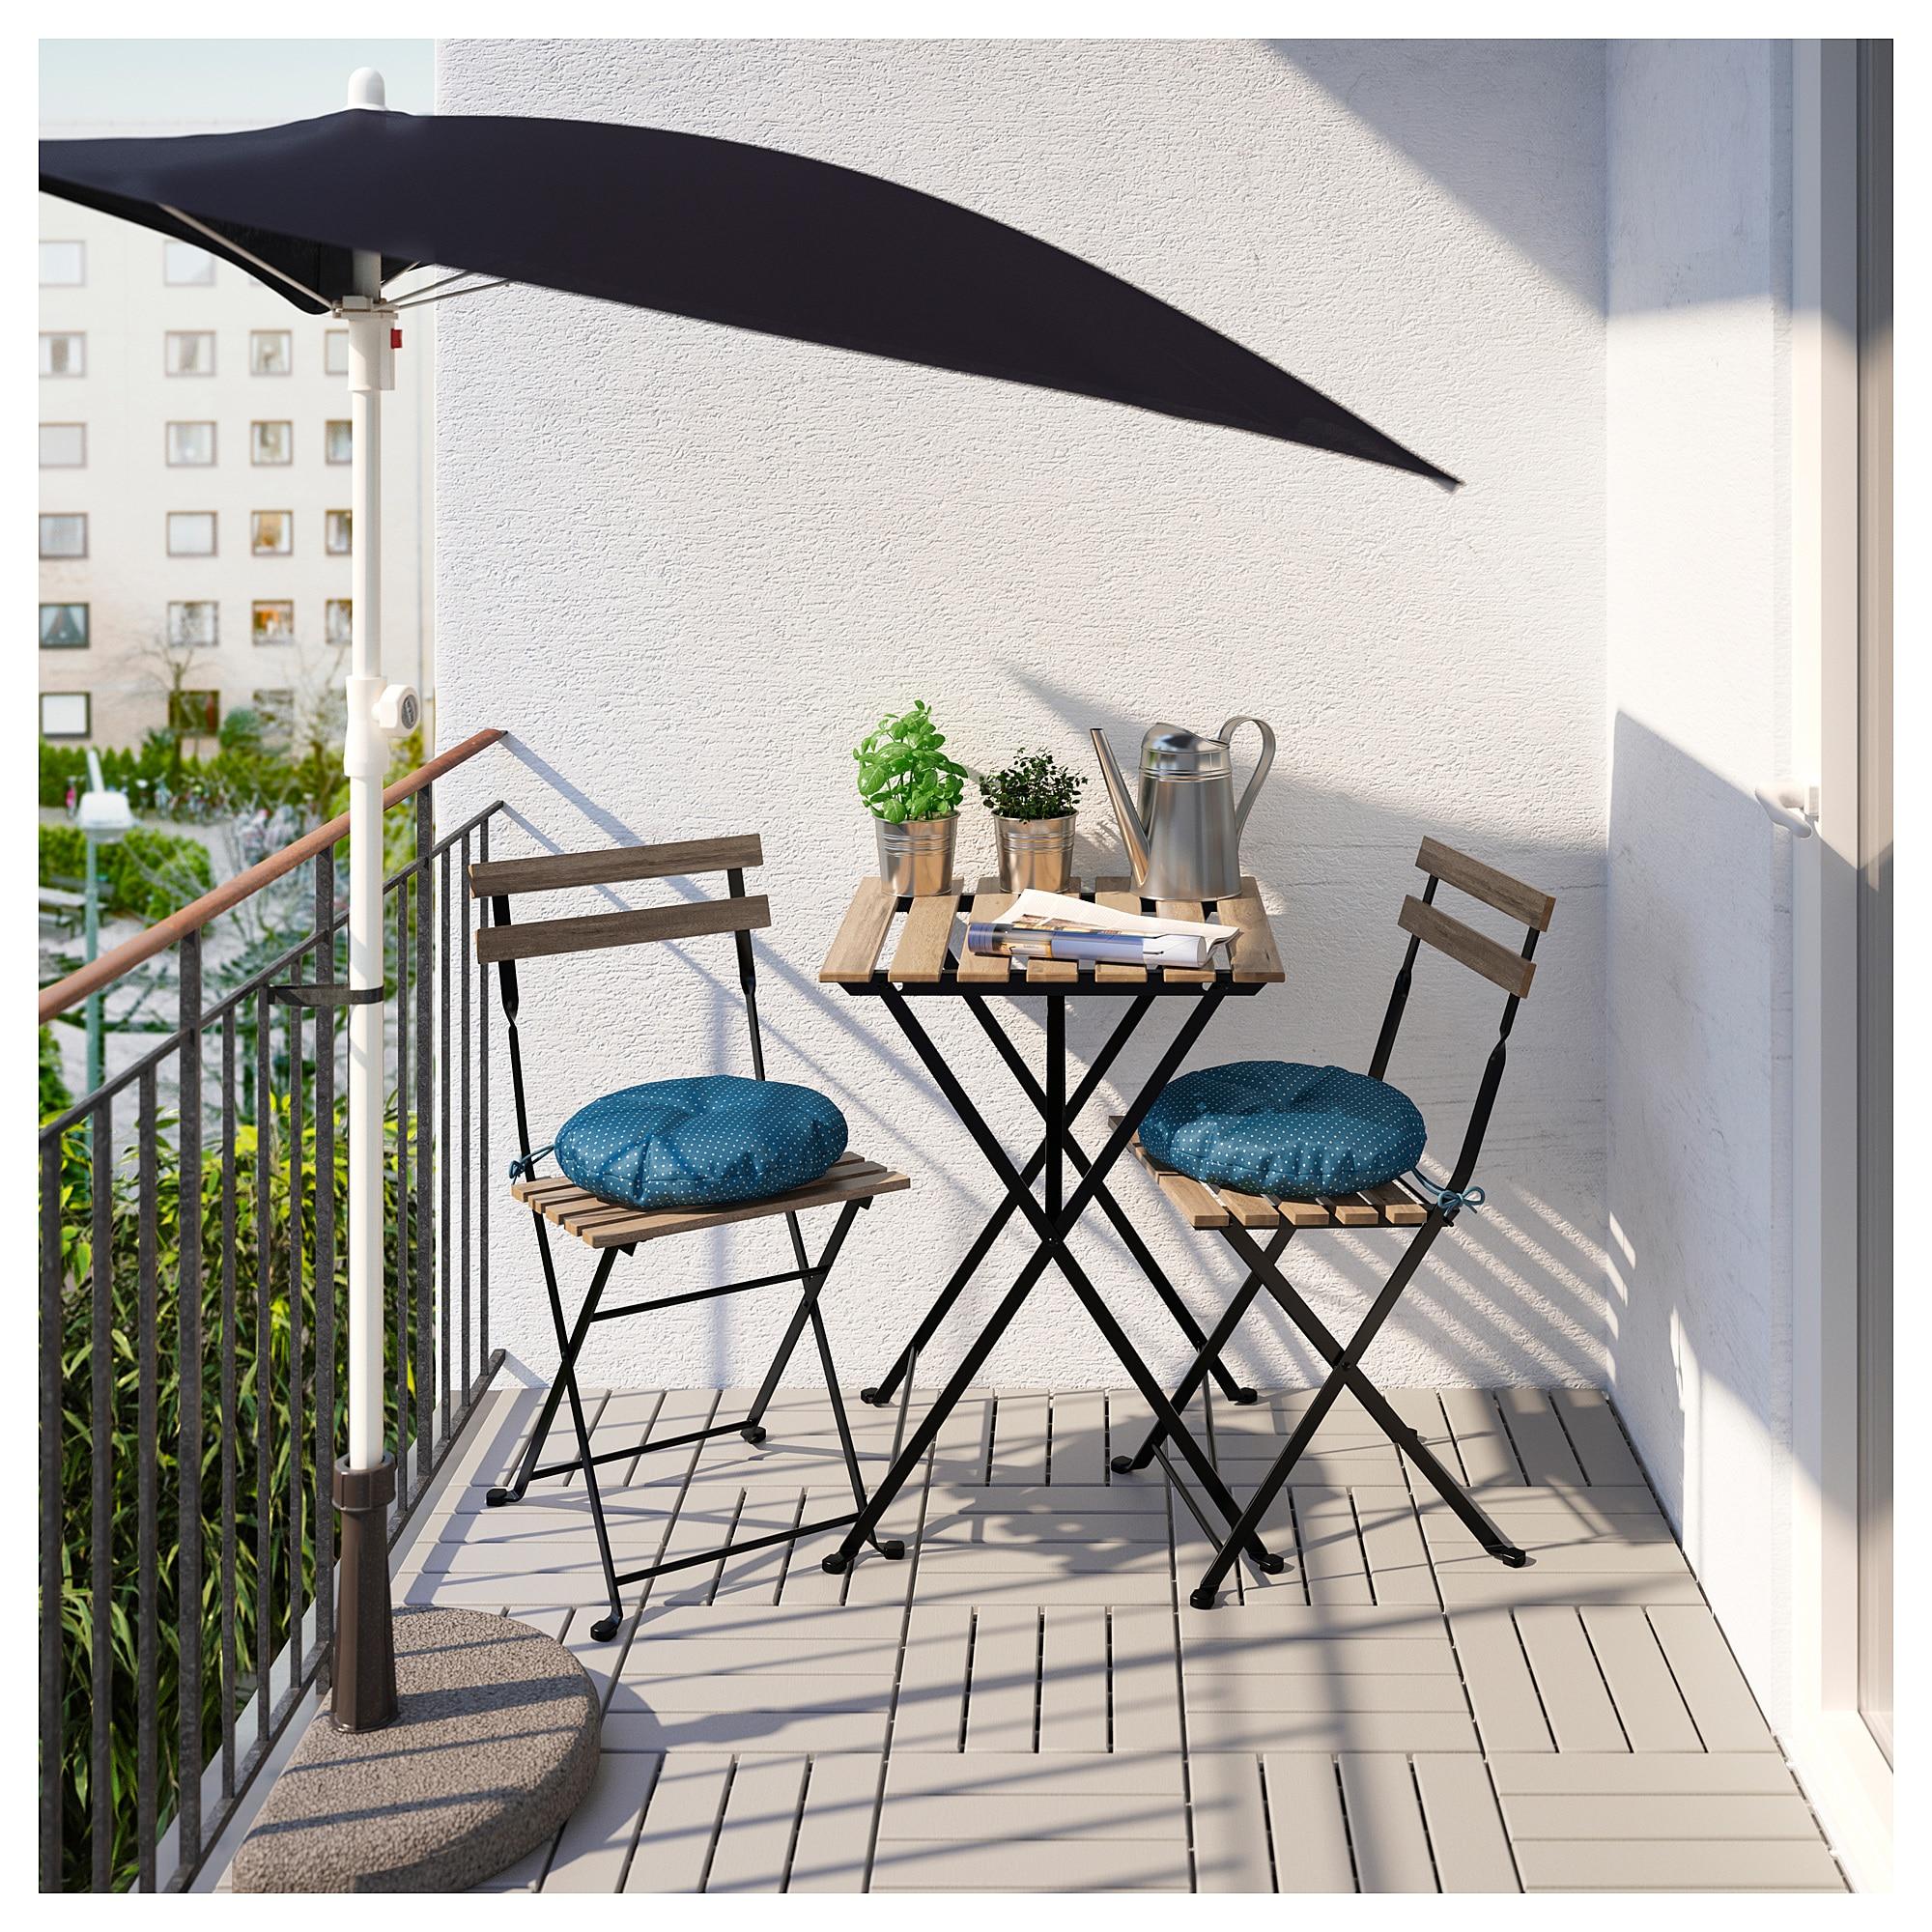 Стол + 2 стула, для сада ТЭРНО синий артикуль № 292.289.03 в наличии. Интернет магазин ИКЕА РБ. Недорогая доставка и монтаж.